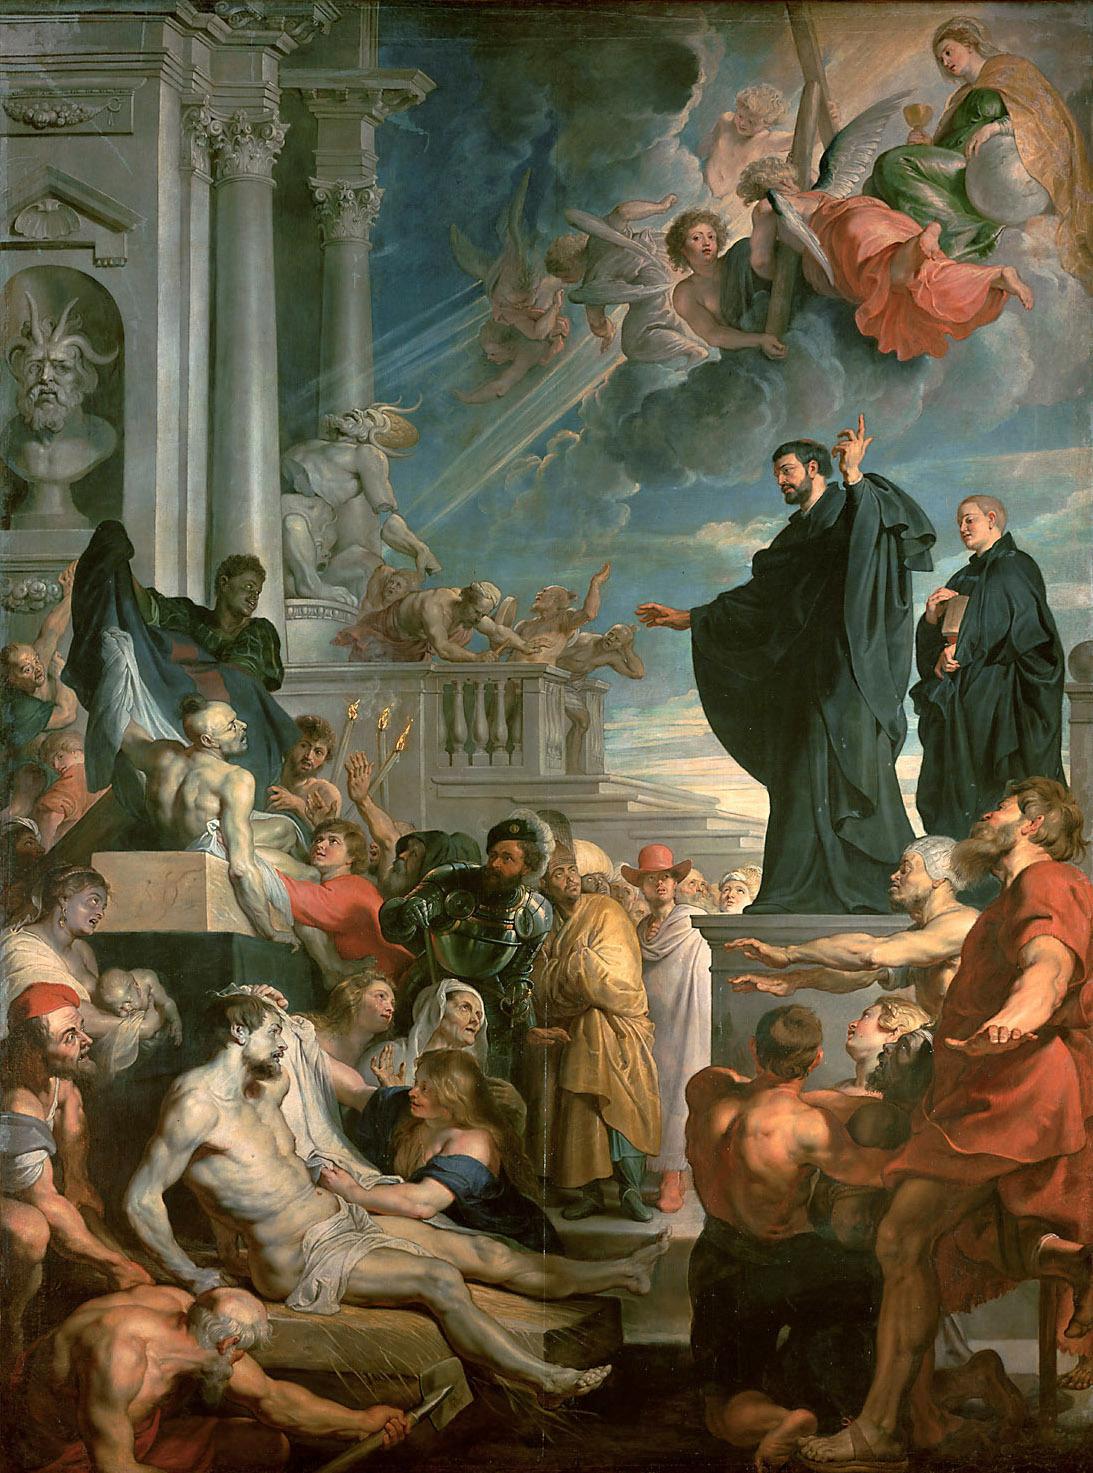 Rubens 1617-18 Les miracles de St Francois Xavier pour eglise des Jesuites à Anvers Musee d'histoire de l'art, Vienne 535 × 395 cm